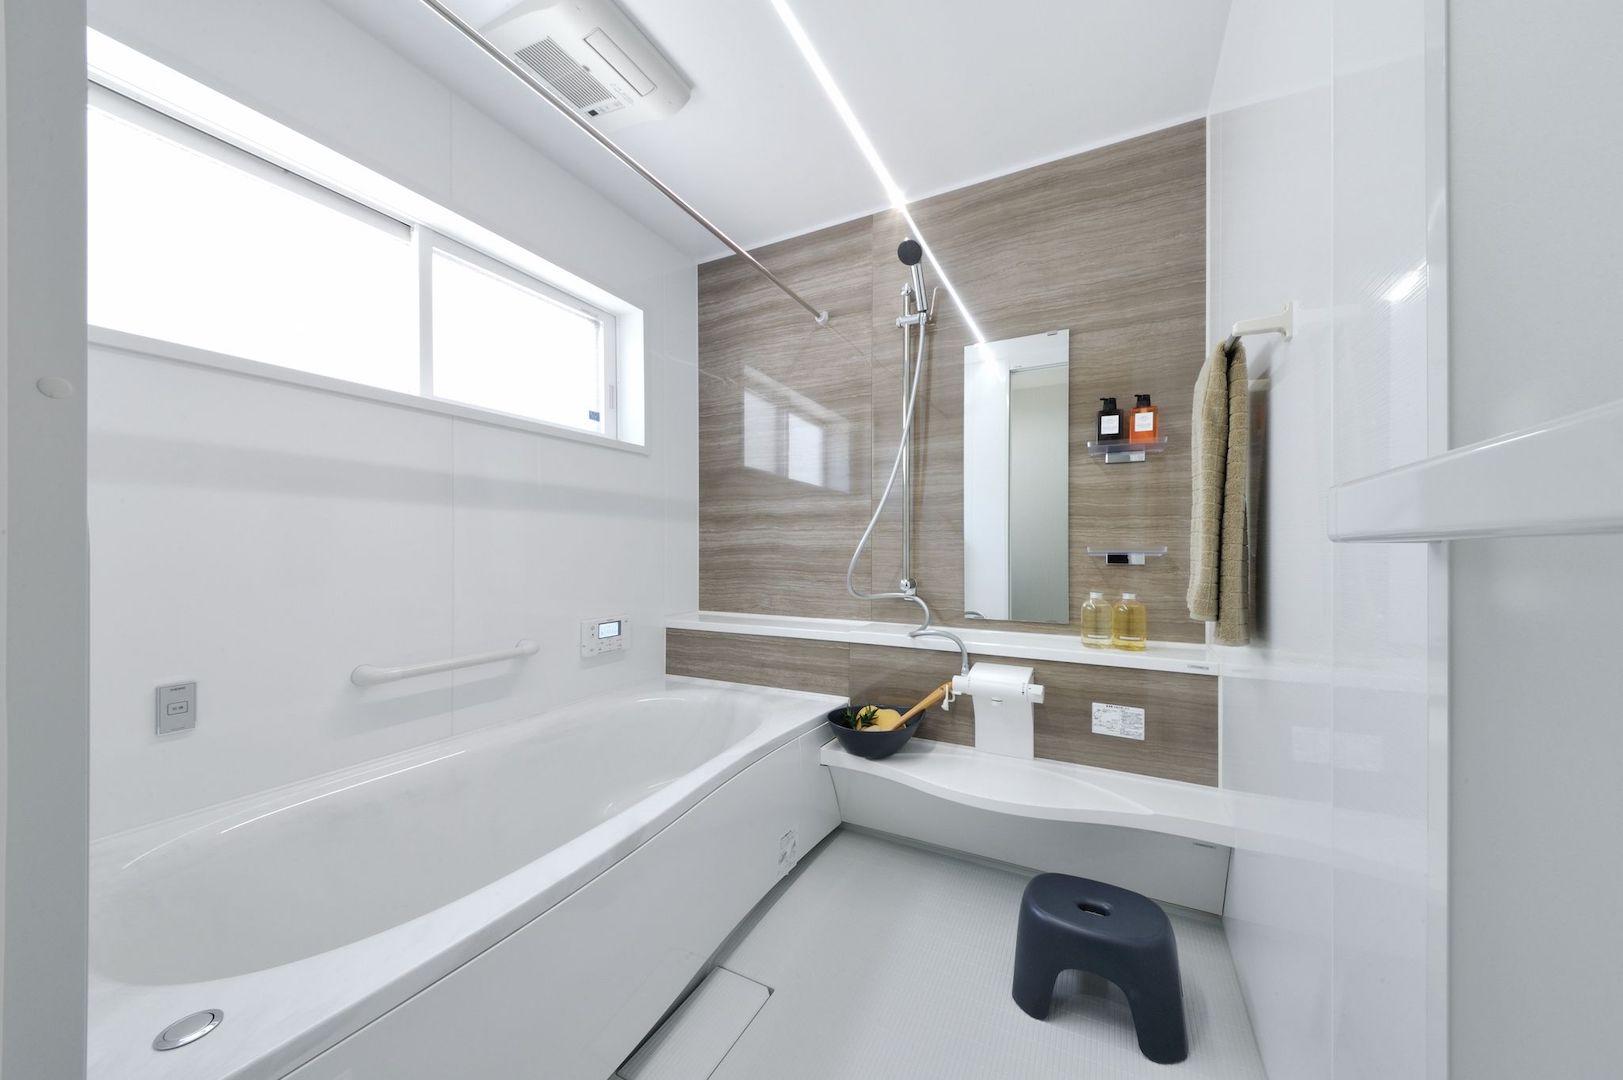 【寒い冬の日でも安心!浴室暖房機の良さをご紹介♪】